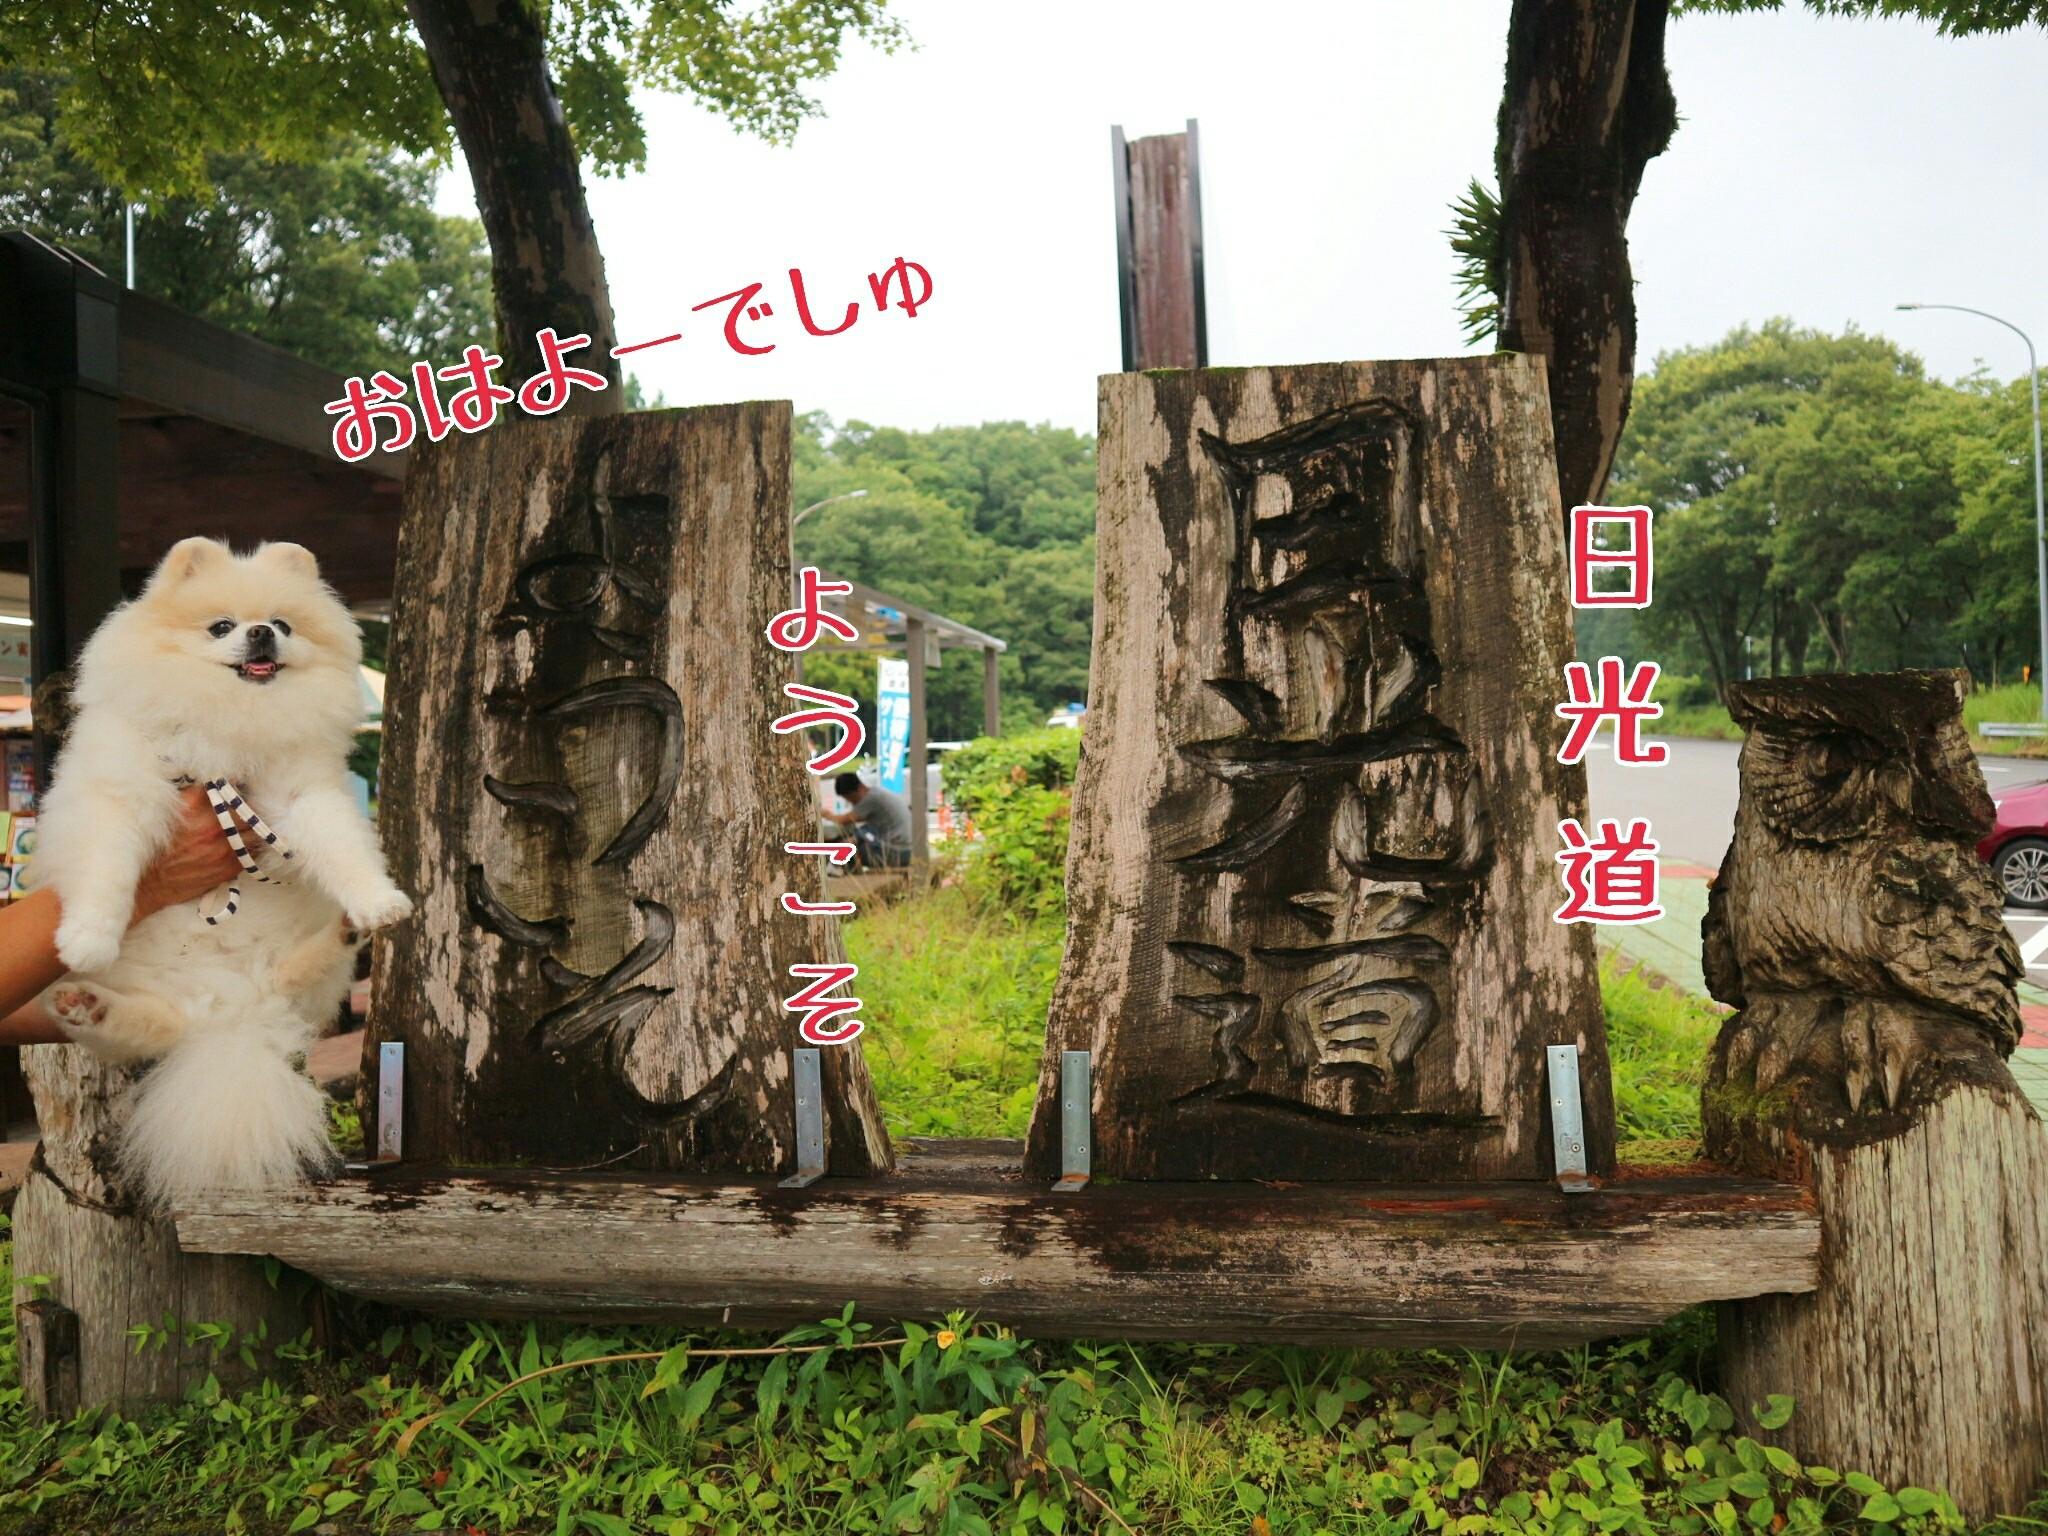 1 旅行 栃木 県 家族 1